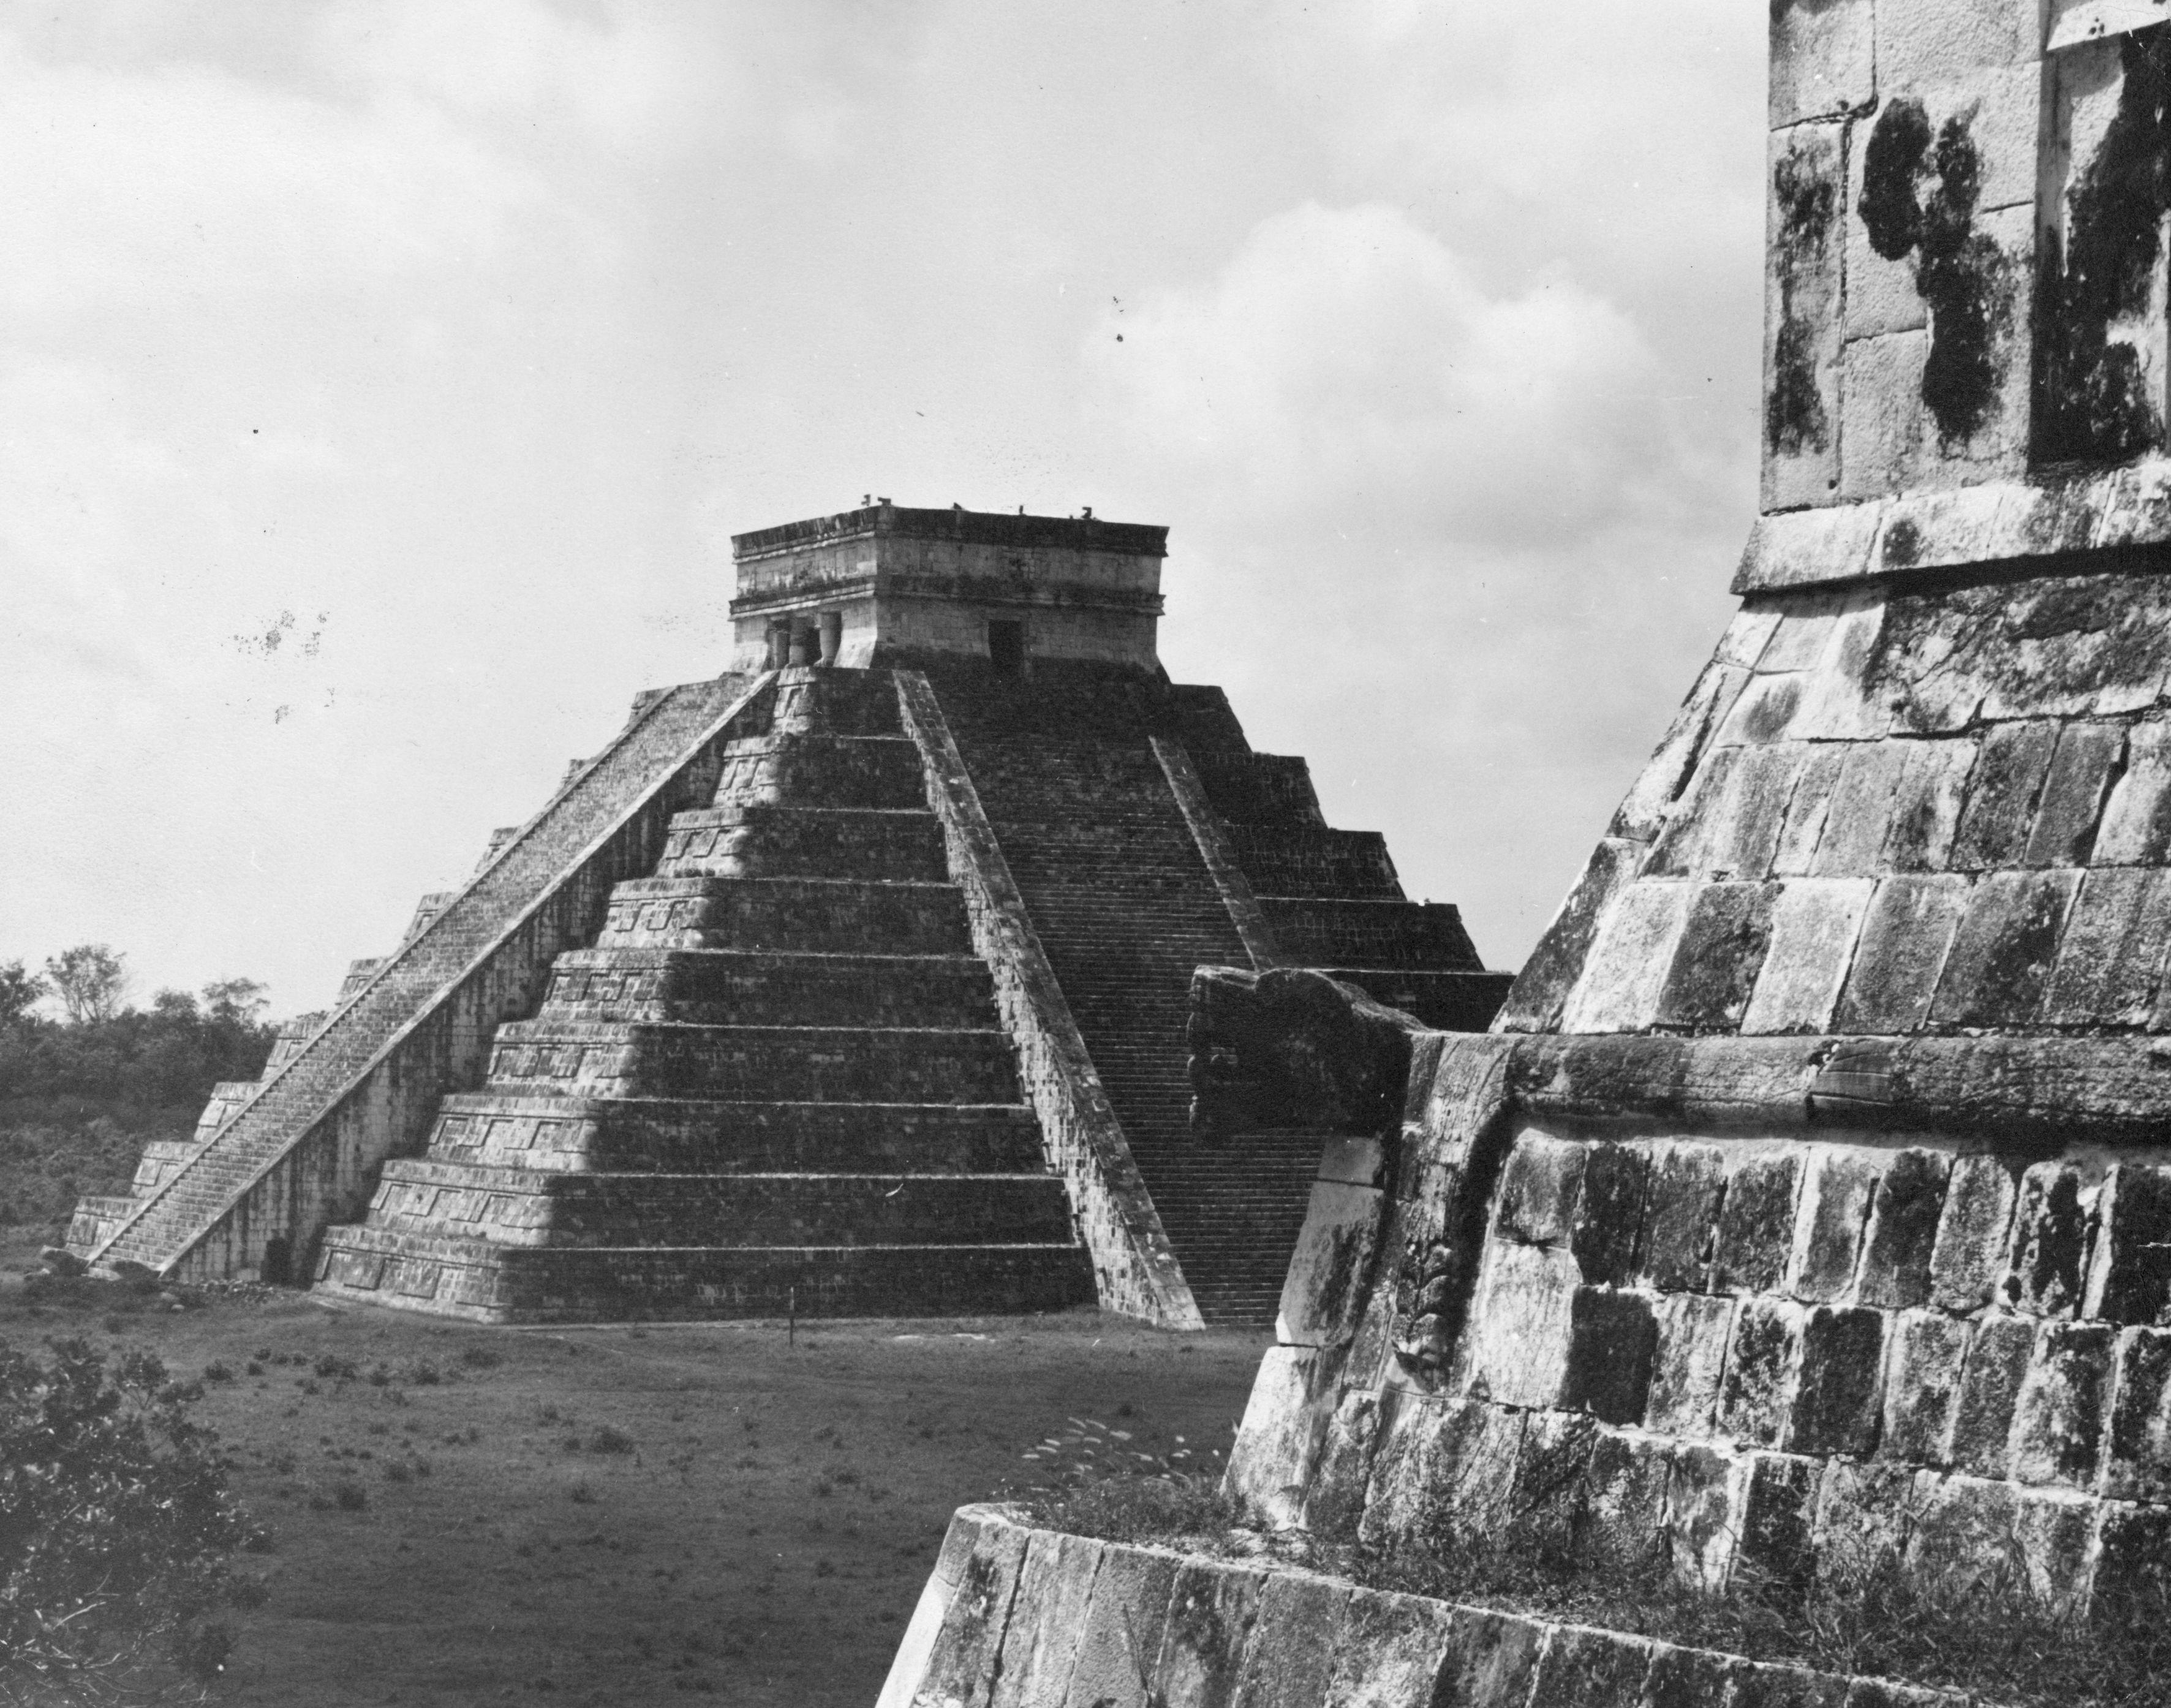 Come la civiltà maya collassò a causa di una lieve siccità